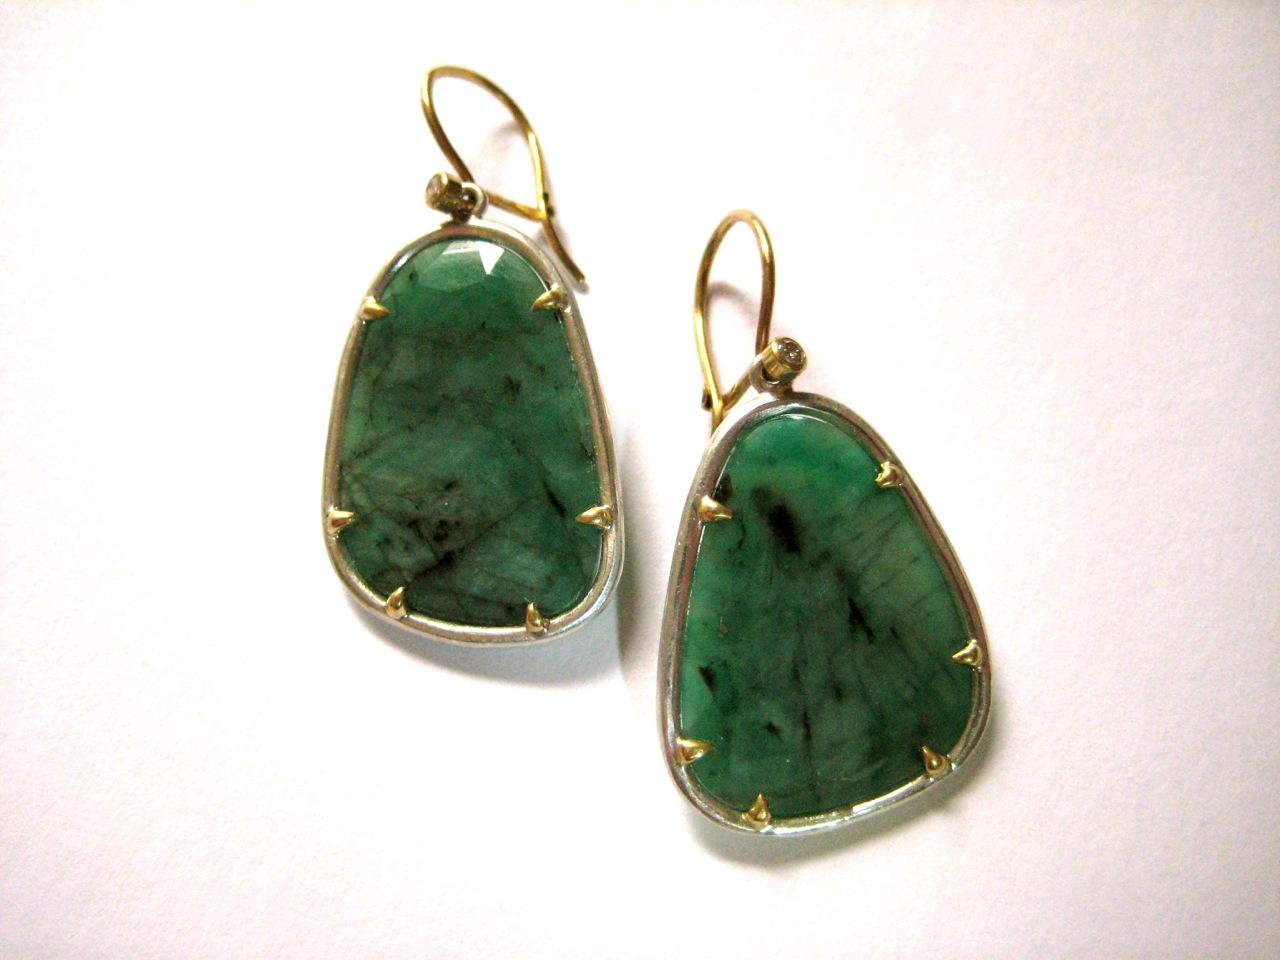 Emerald Slice Earrings with diamonds